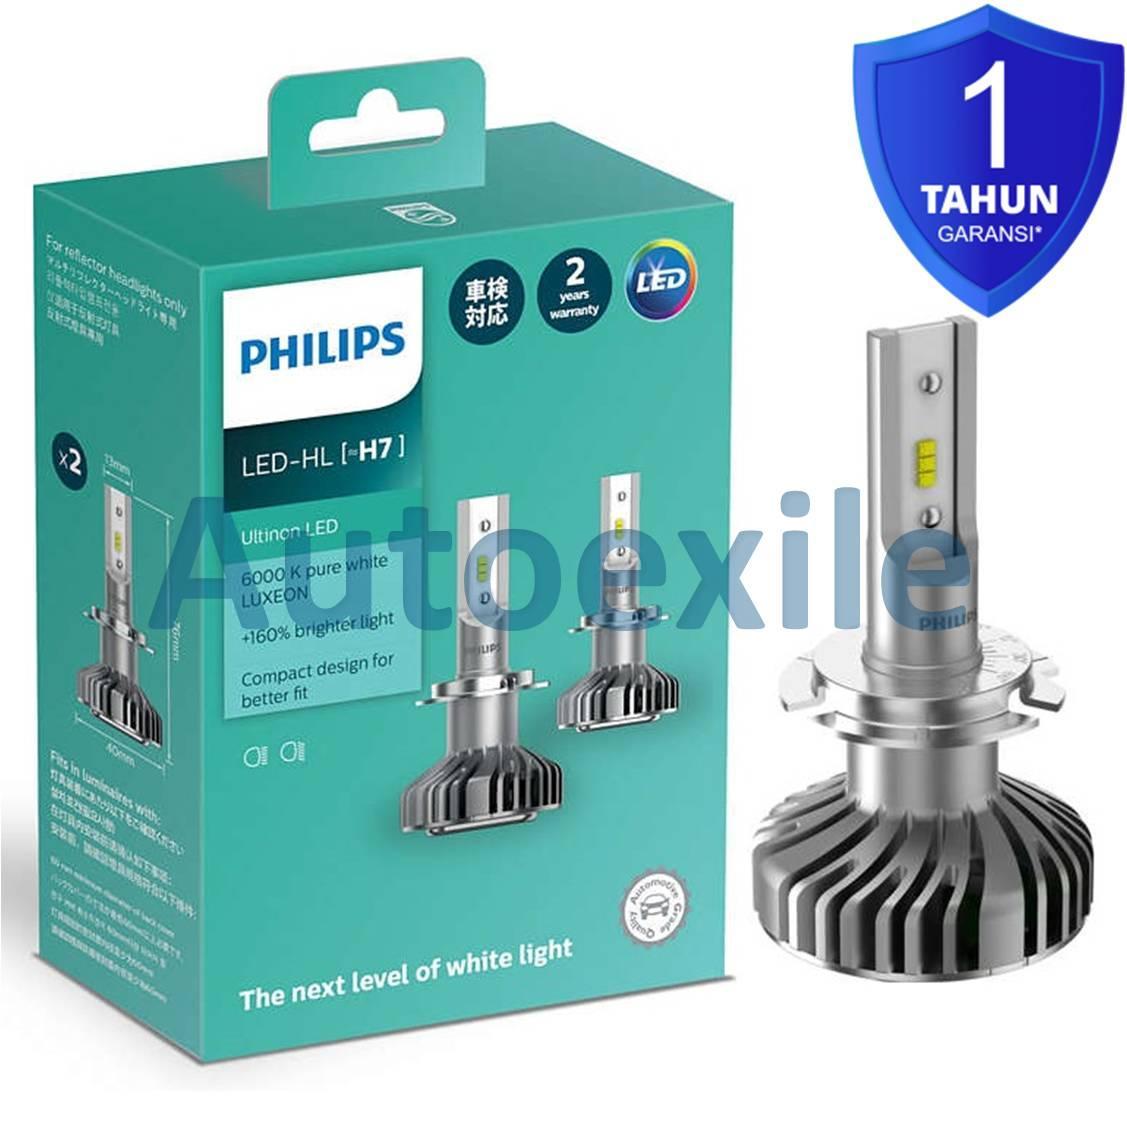 Philips Ultinon LED H7 12V 14W +160% 6000K Lampu Mobil Putih Terang Fokus Garansi Fiesta BMW Mercy Volvo Mazda 3 6 CX7 Captiva Celica